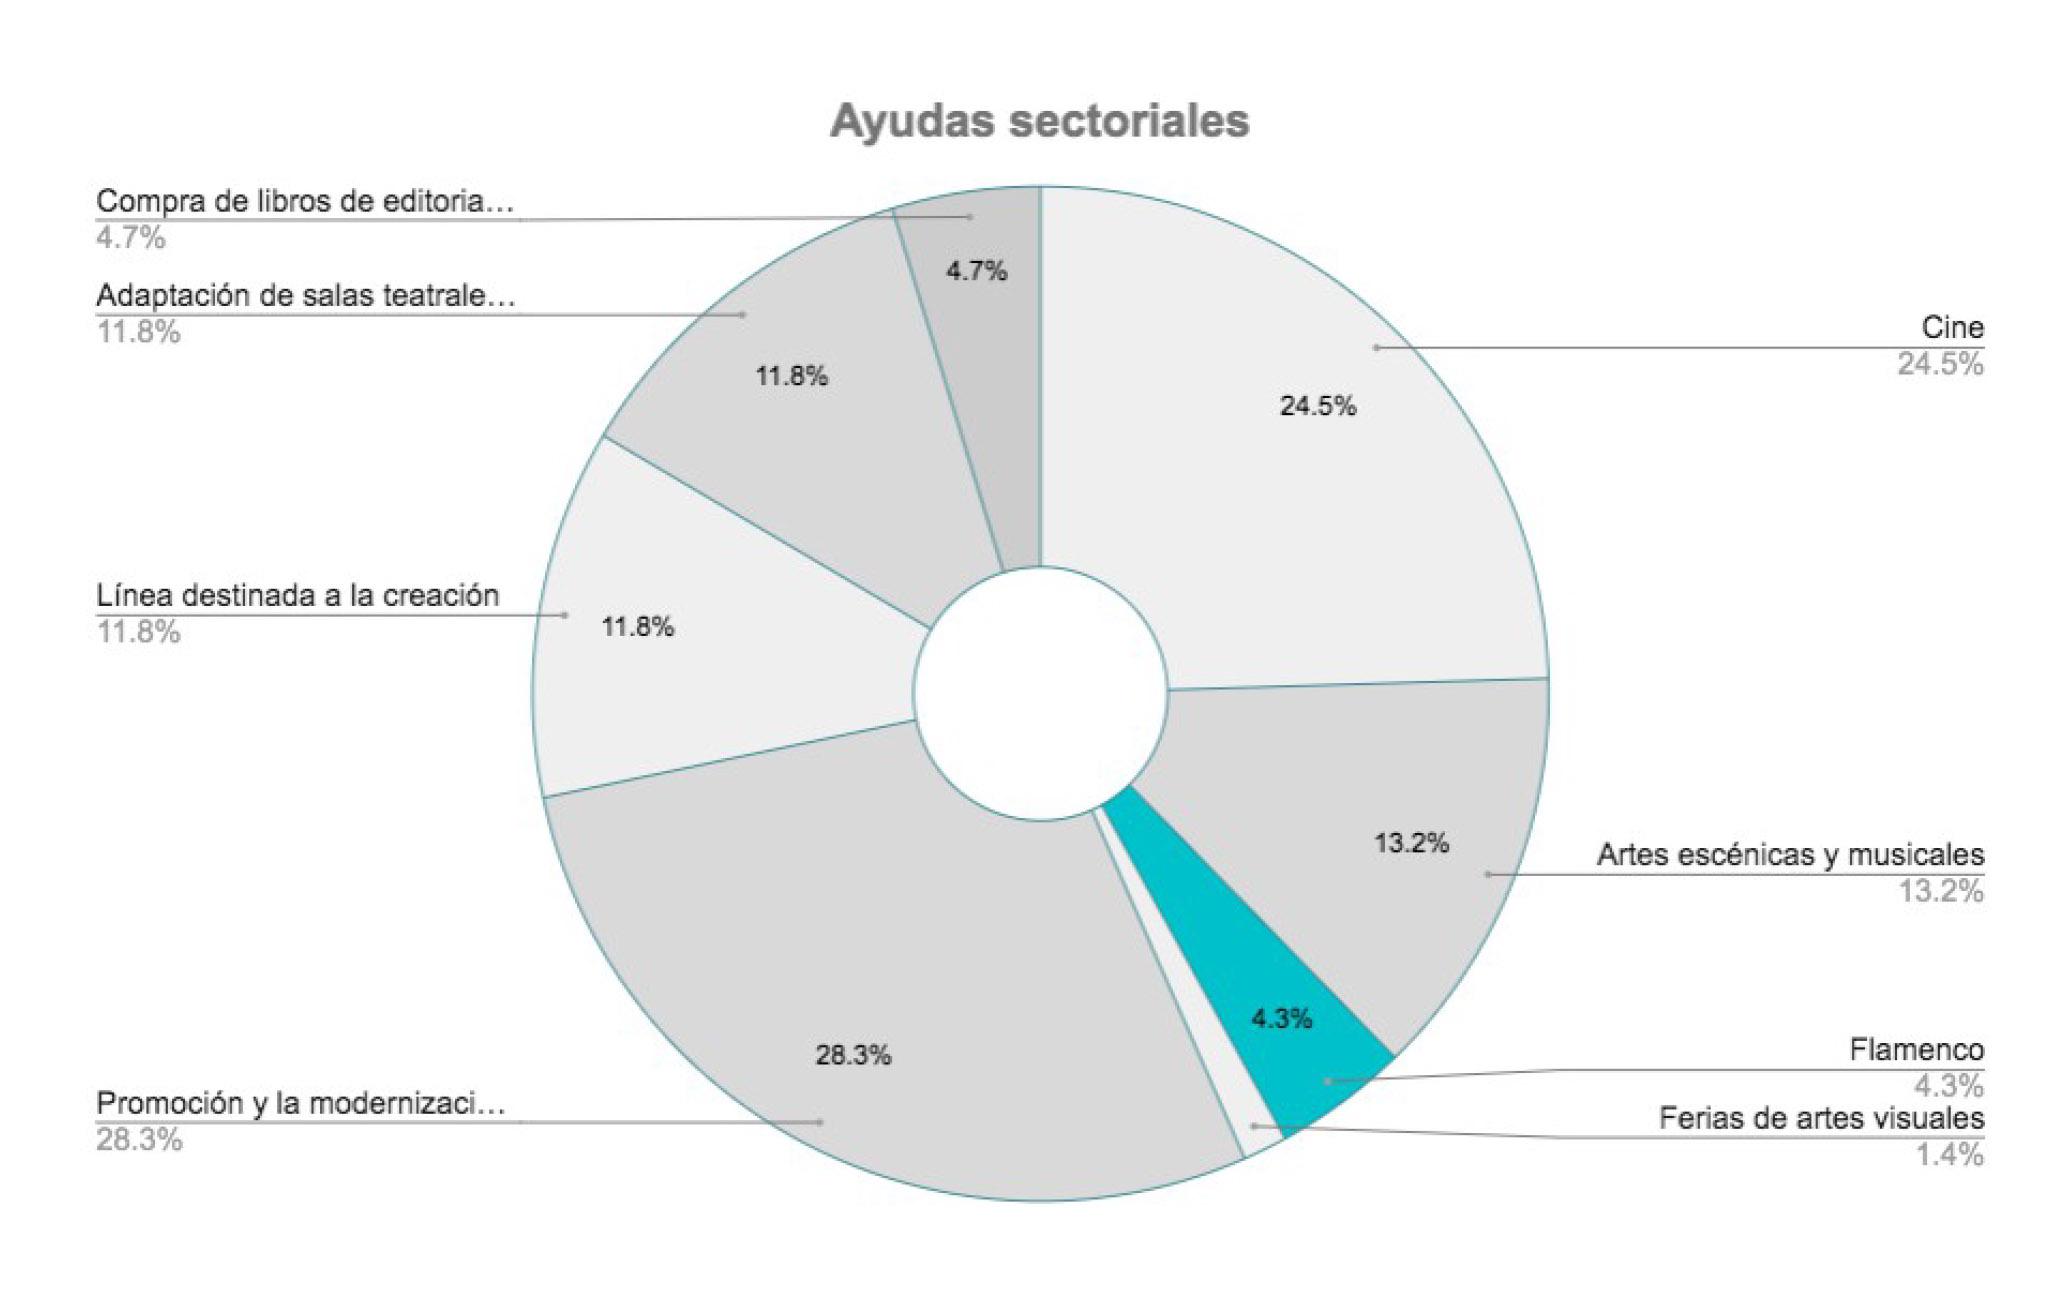 Ayudas sectoriales del Plan de Impacto para la Cultura de la Junta de Andalucía. Fuente: Unión Flamenca